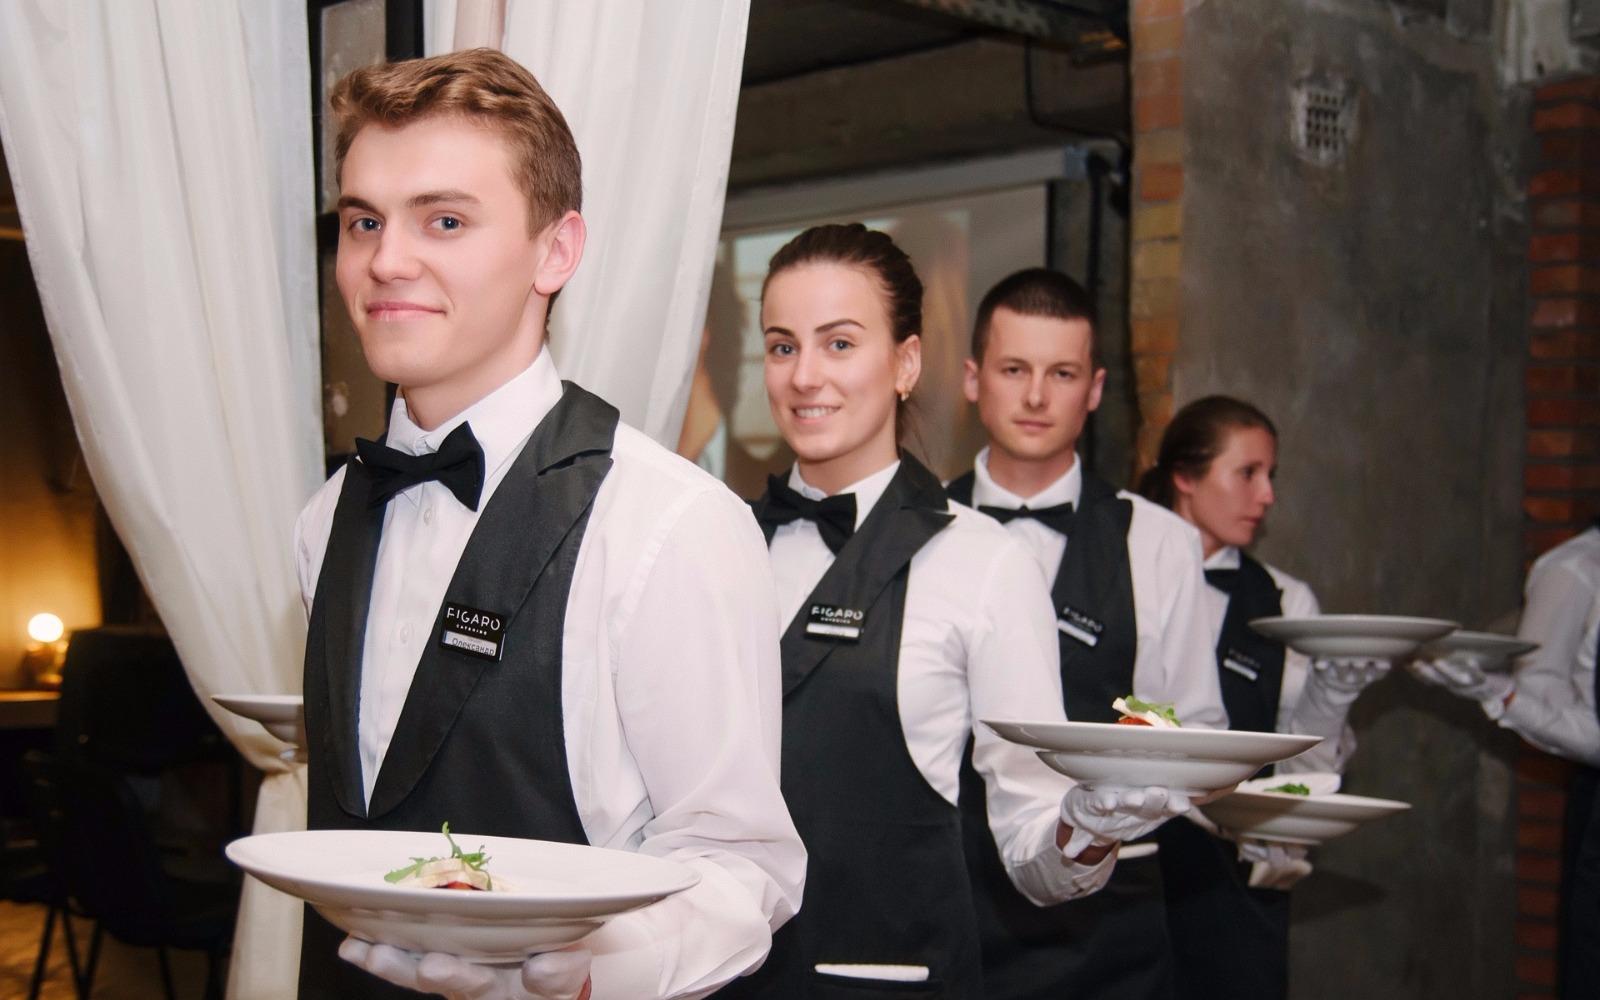 суровых погодных о брайнс на королева фото официанты каждого них